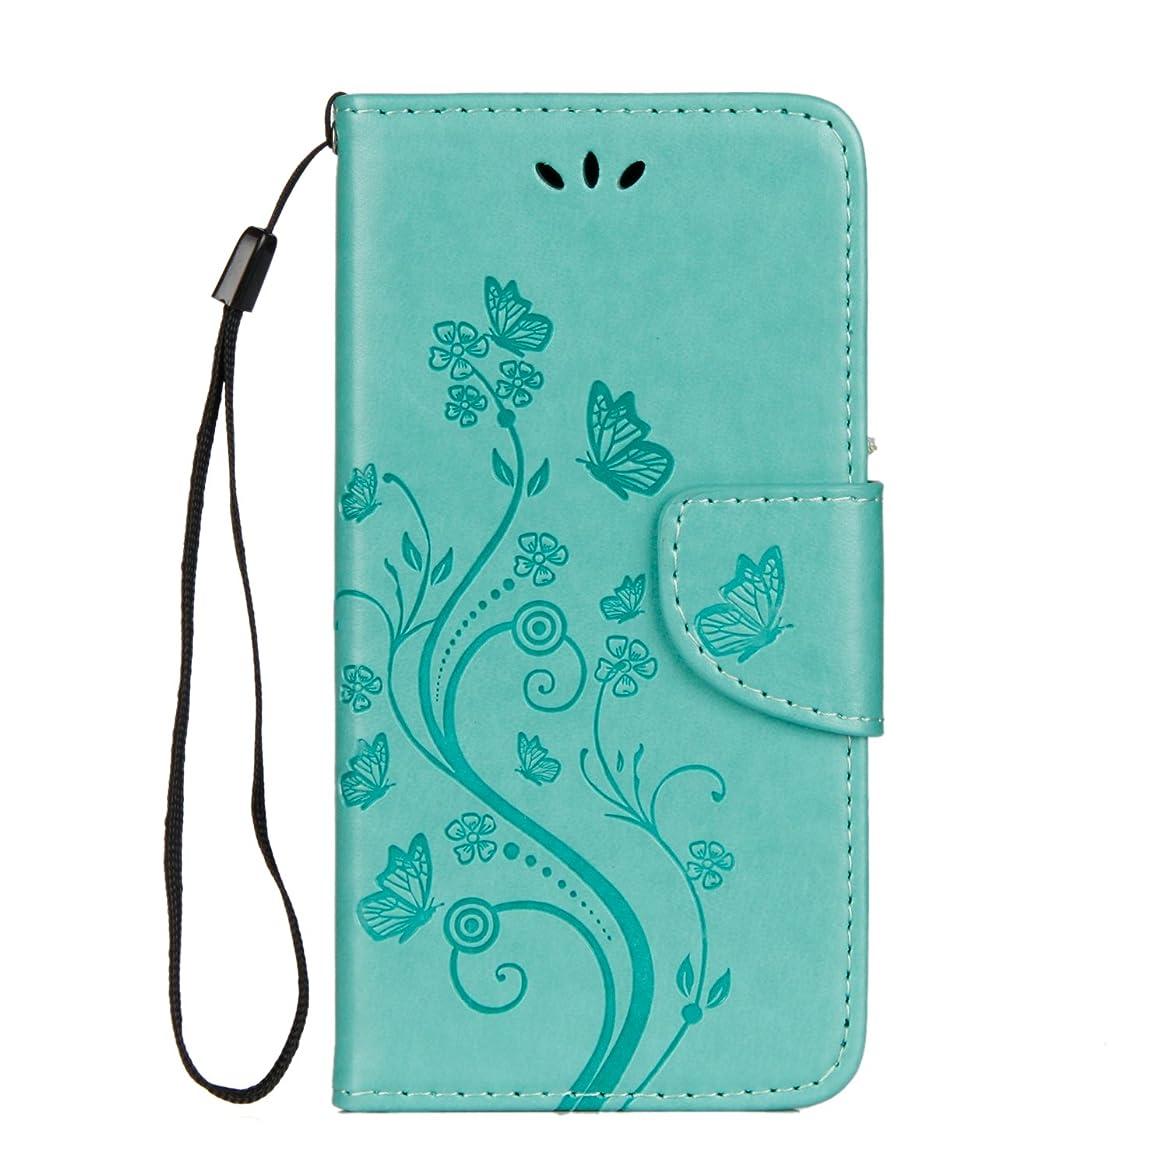 望むクルーズスイングOJIBAK iPhoneX ケース iPhone X ケースおしゃれ 高級感 人気 携帯カバー 保護ケース/iPhoneX 対応